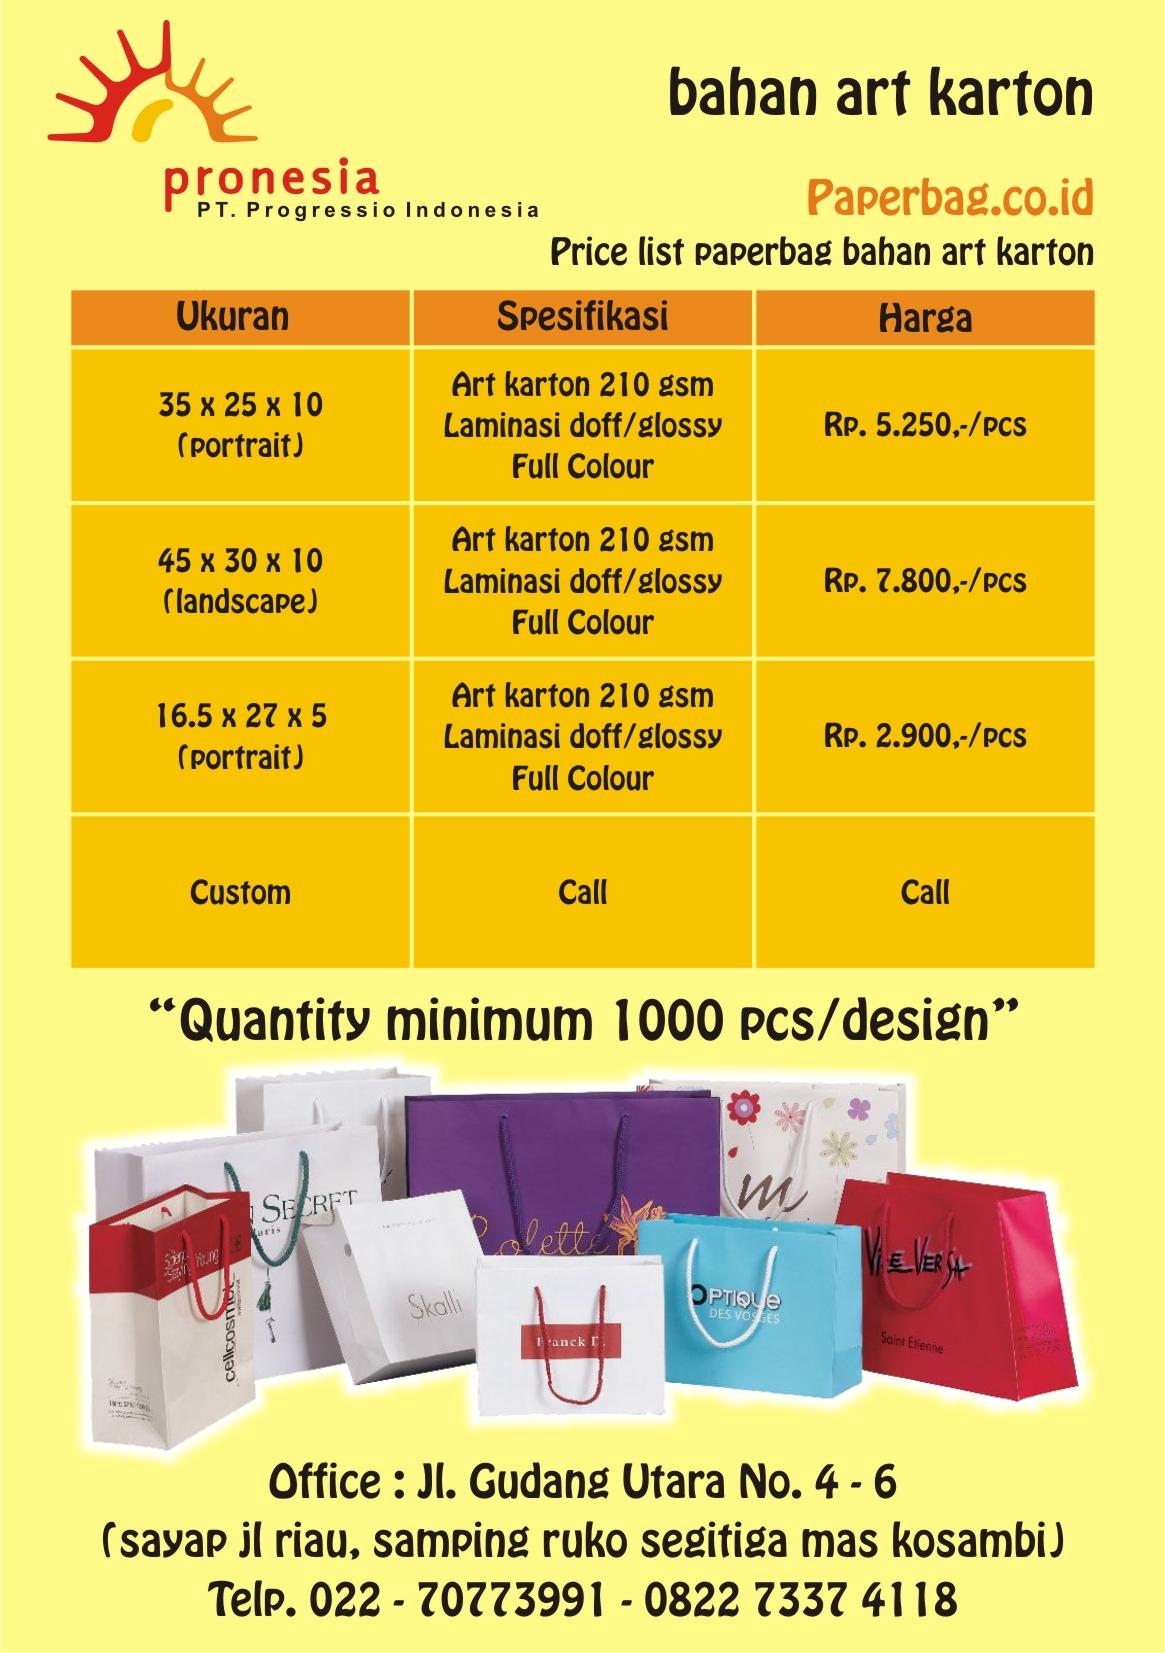 paperbag promosi